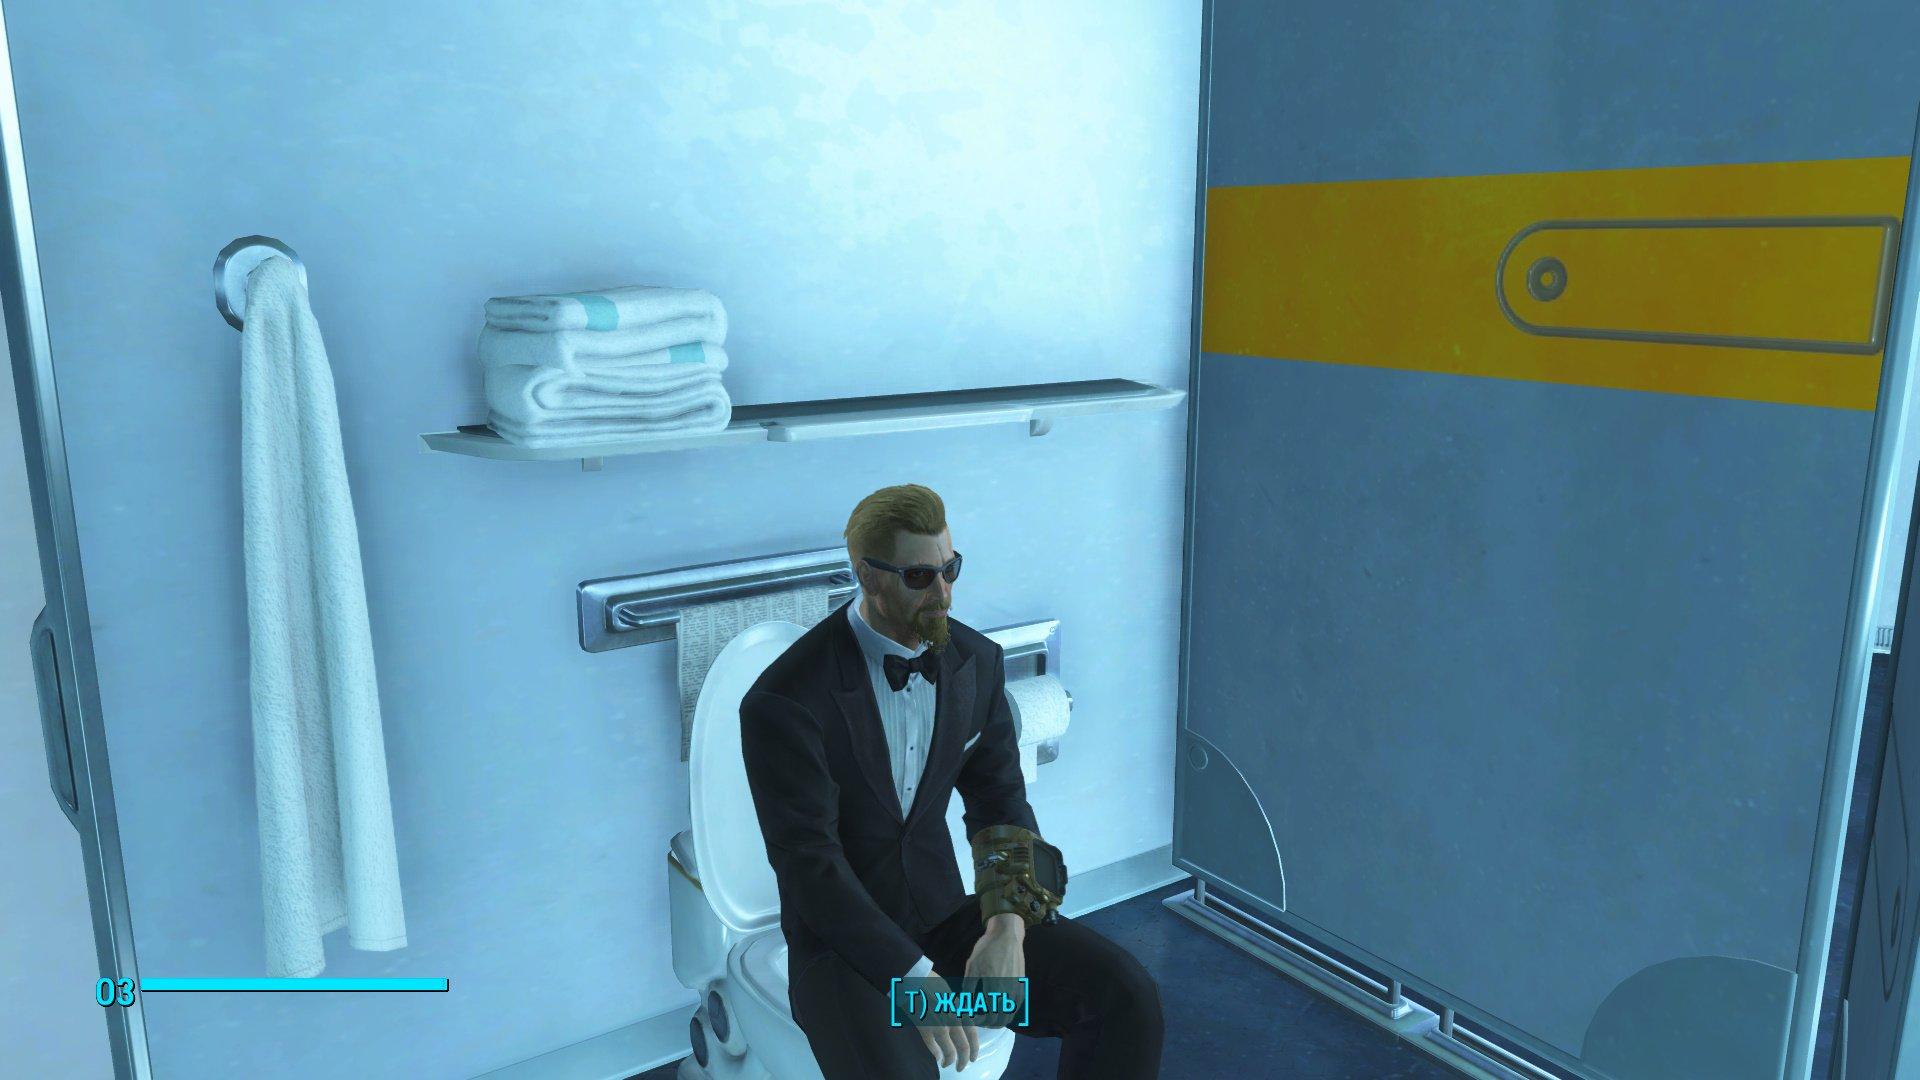 Сравнительный анализ (на самом деле нет) Fallout New Vegas vs. Fallout 4 (часть 1) - Изображение 10